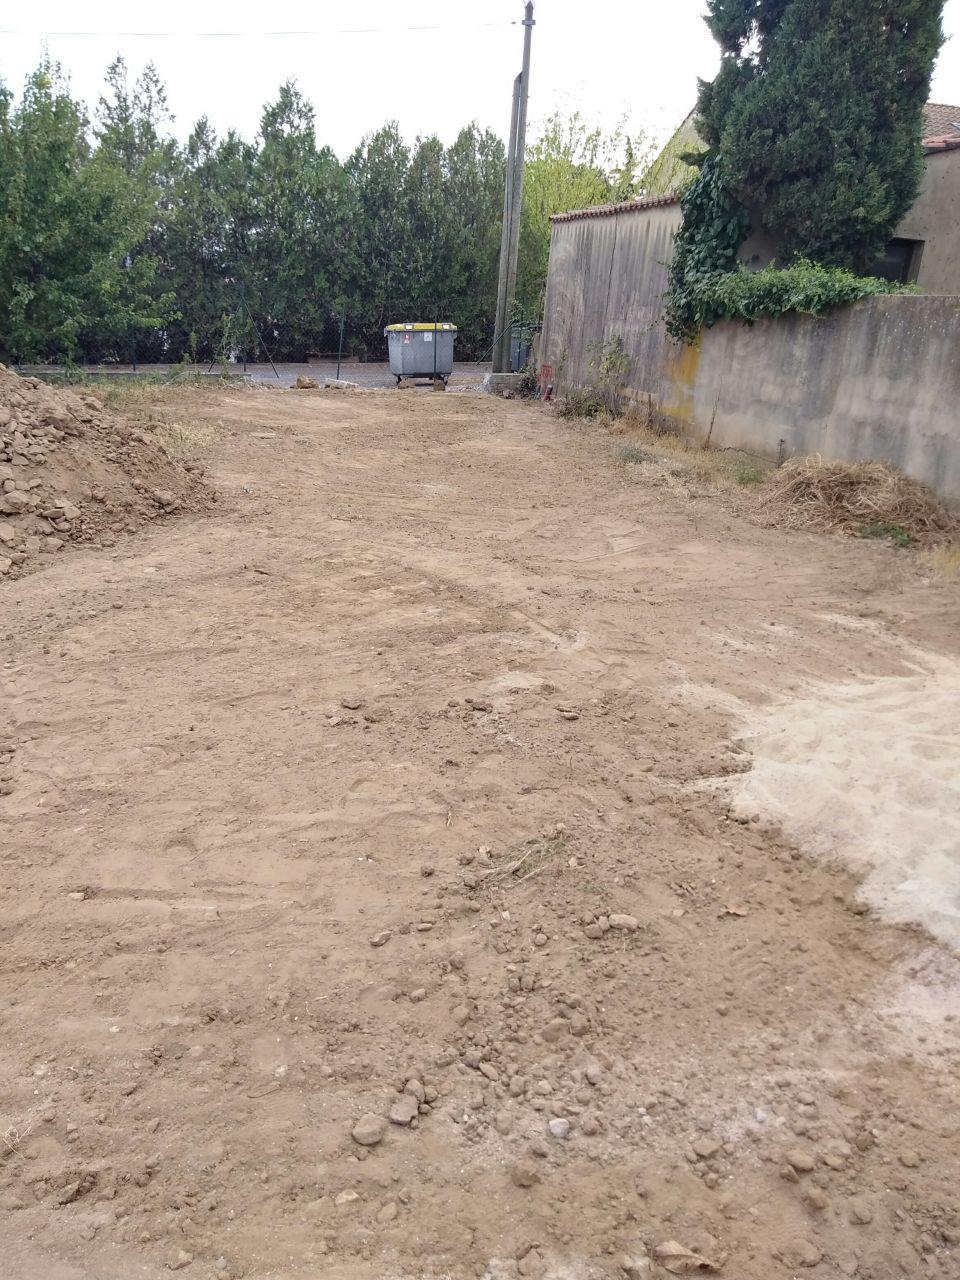 Réseaux secs enterrés et terrain mis à plat